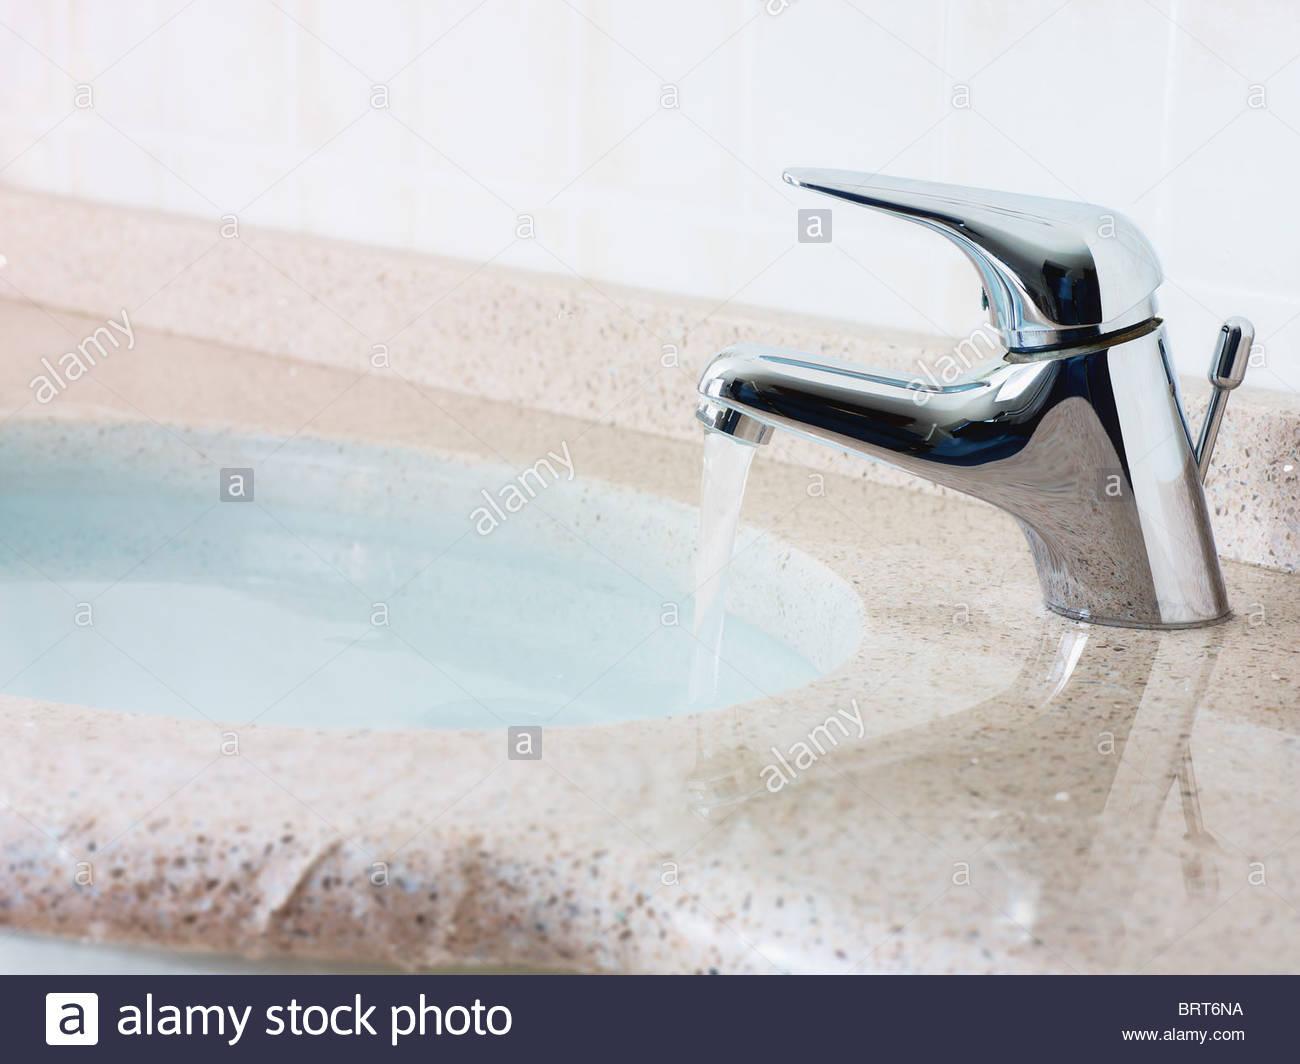 Wasser vom Waschbecken überlaufen. Querformat, keine Menschen, Textfreiraum Stockbild